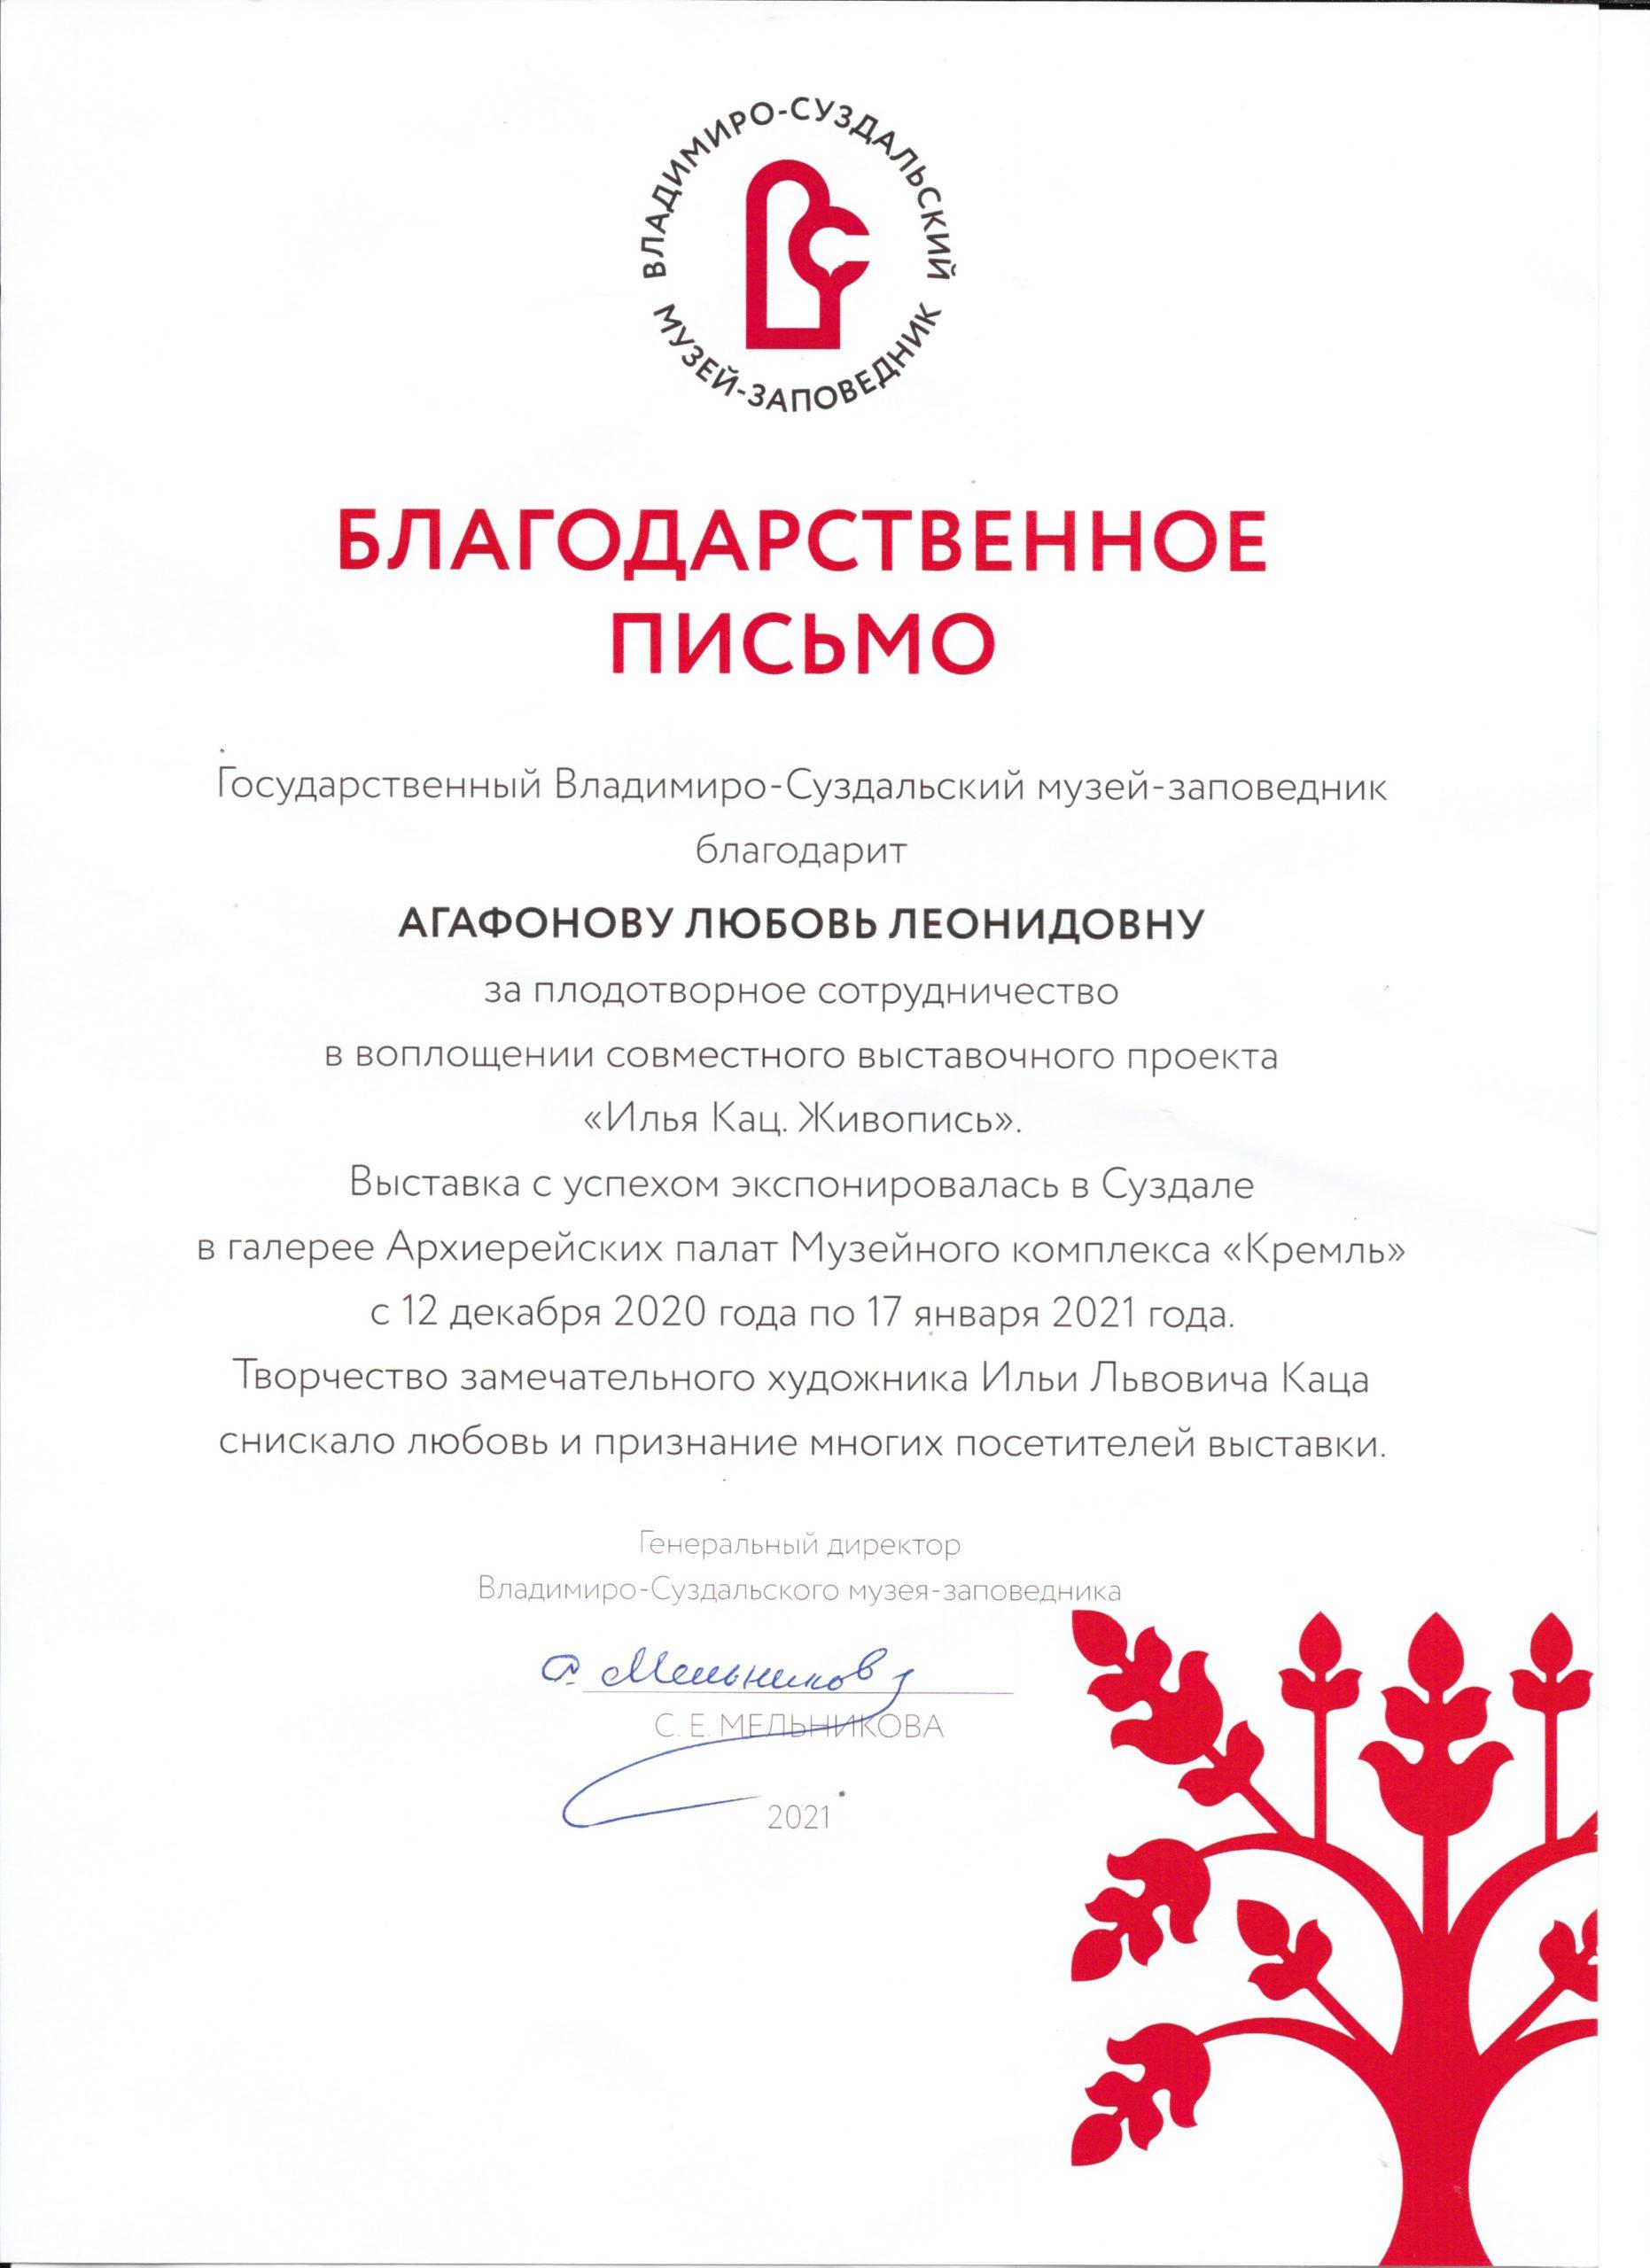 Благодарственное письмо от Владимиро-Суздальского музея-заповедника